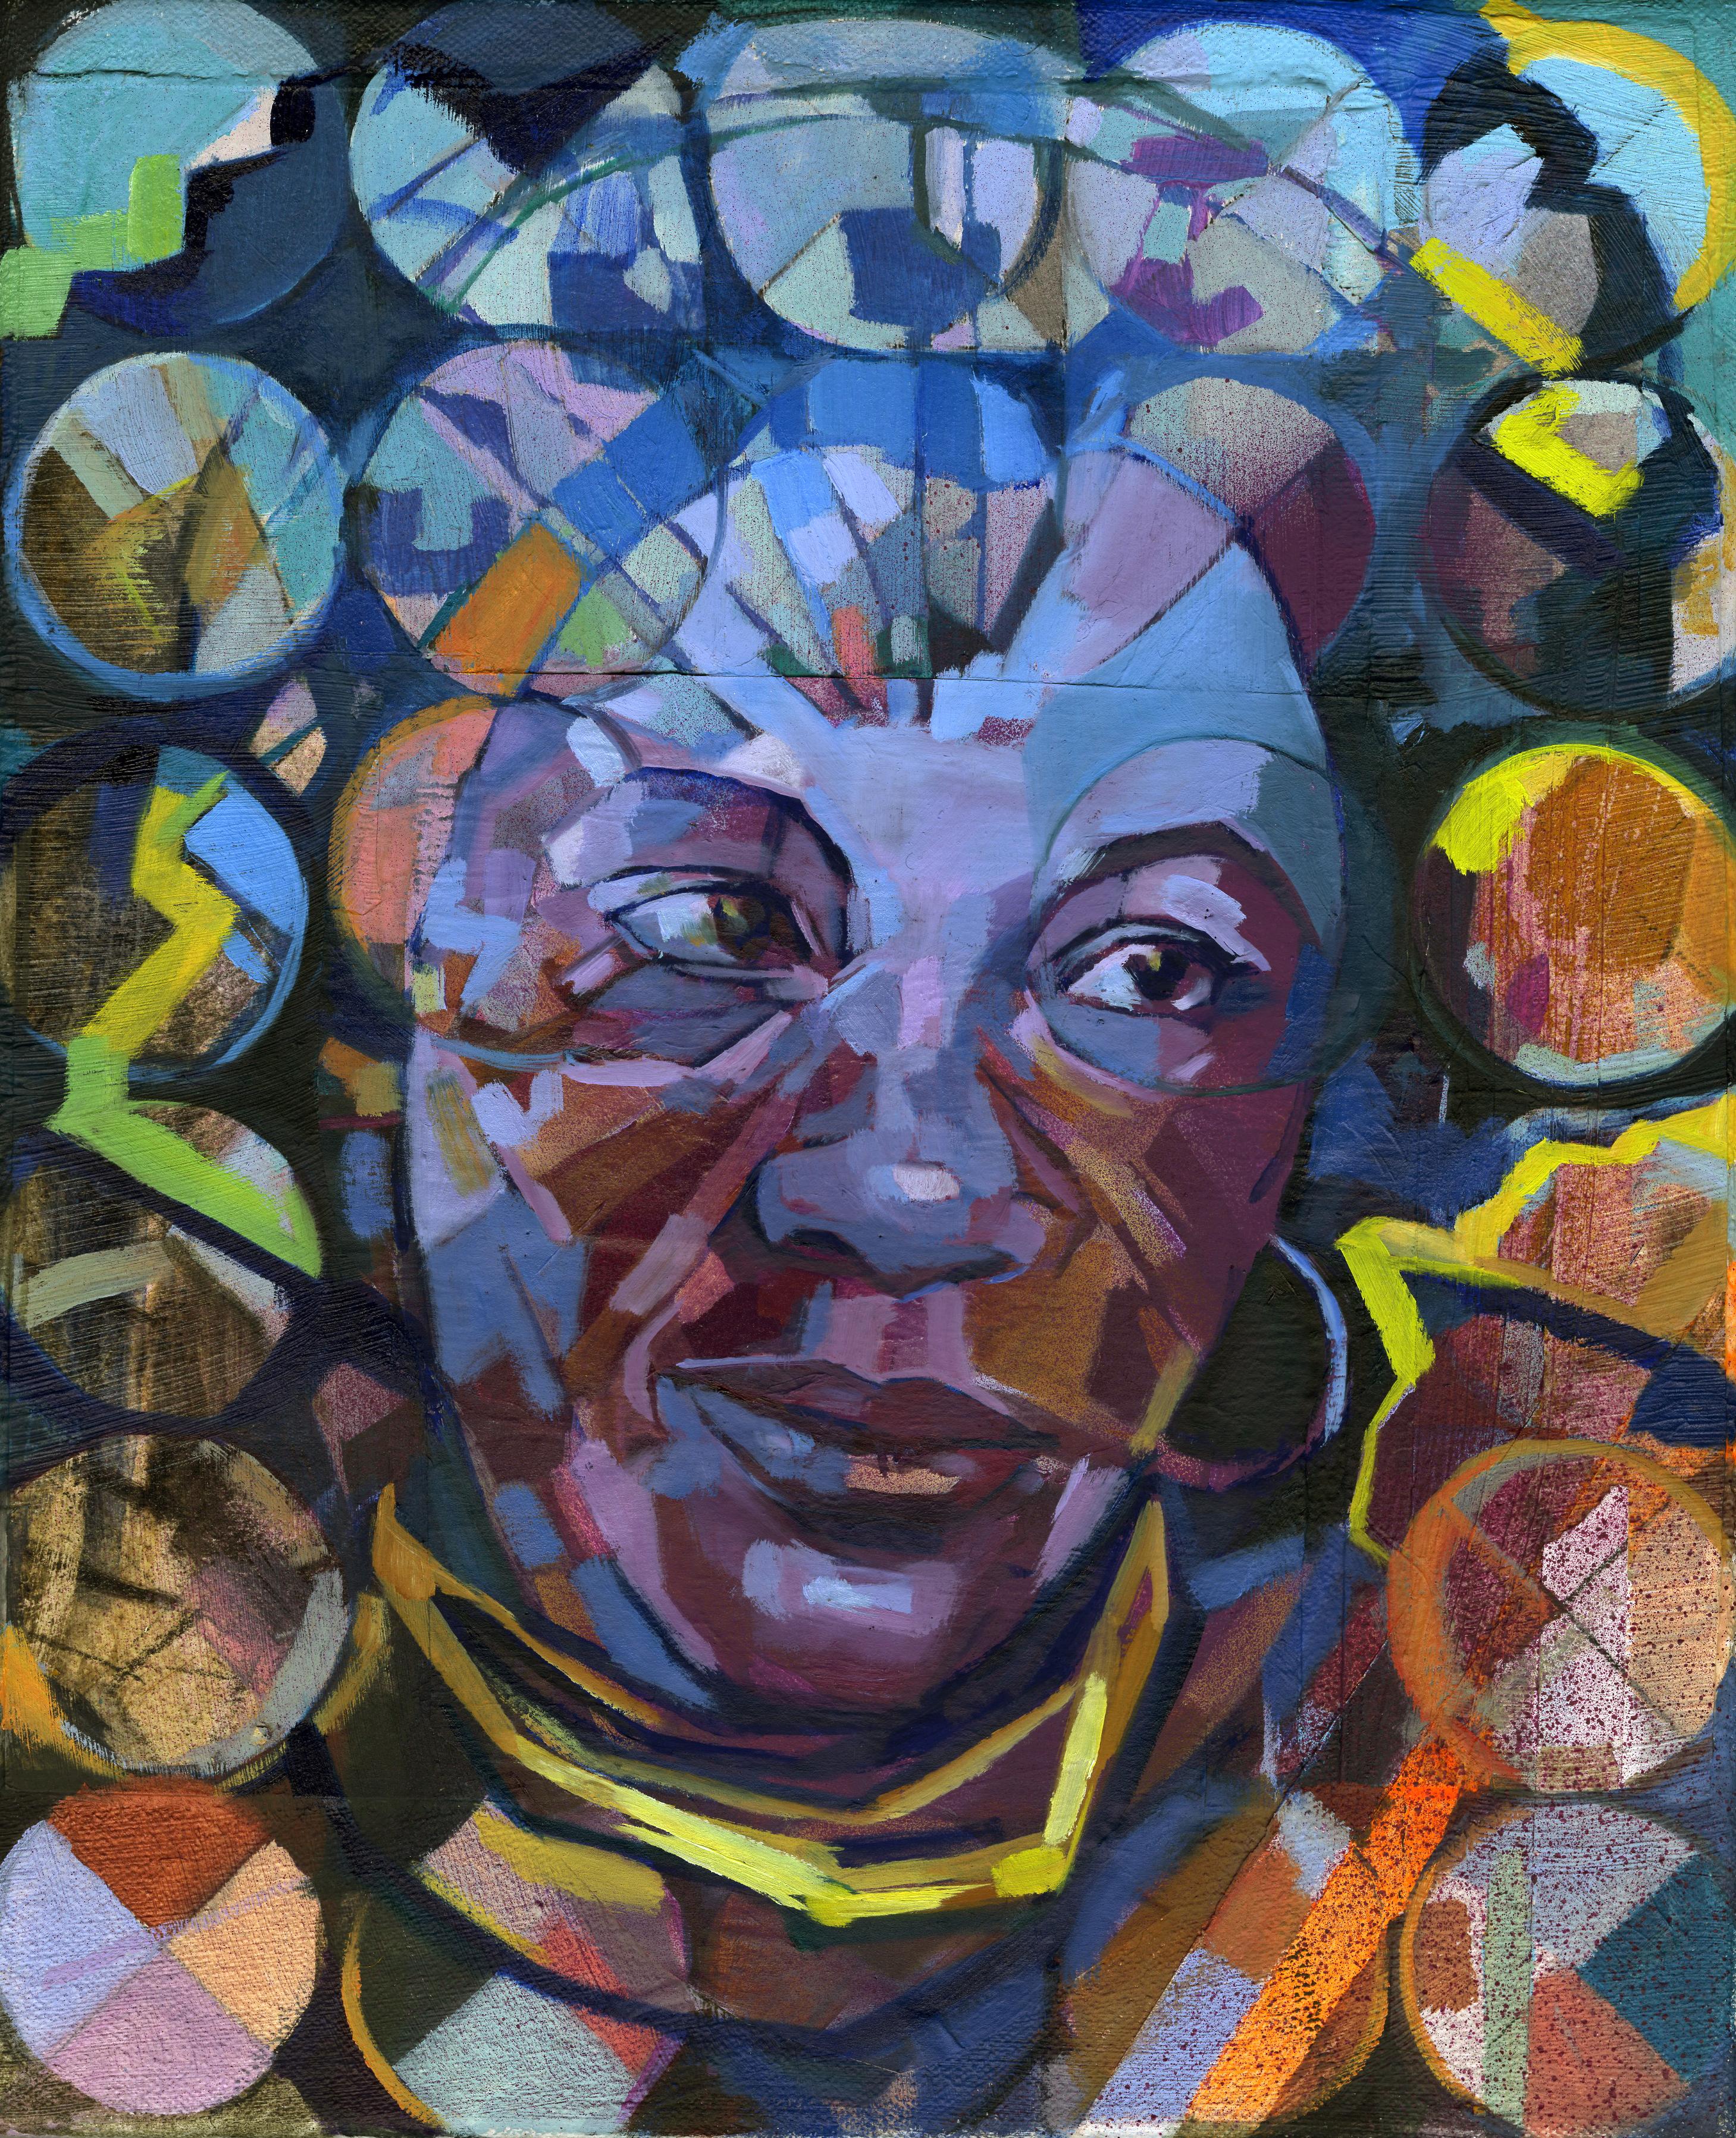 Toni Morrison, 2019